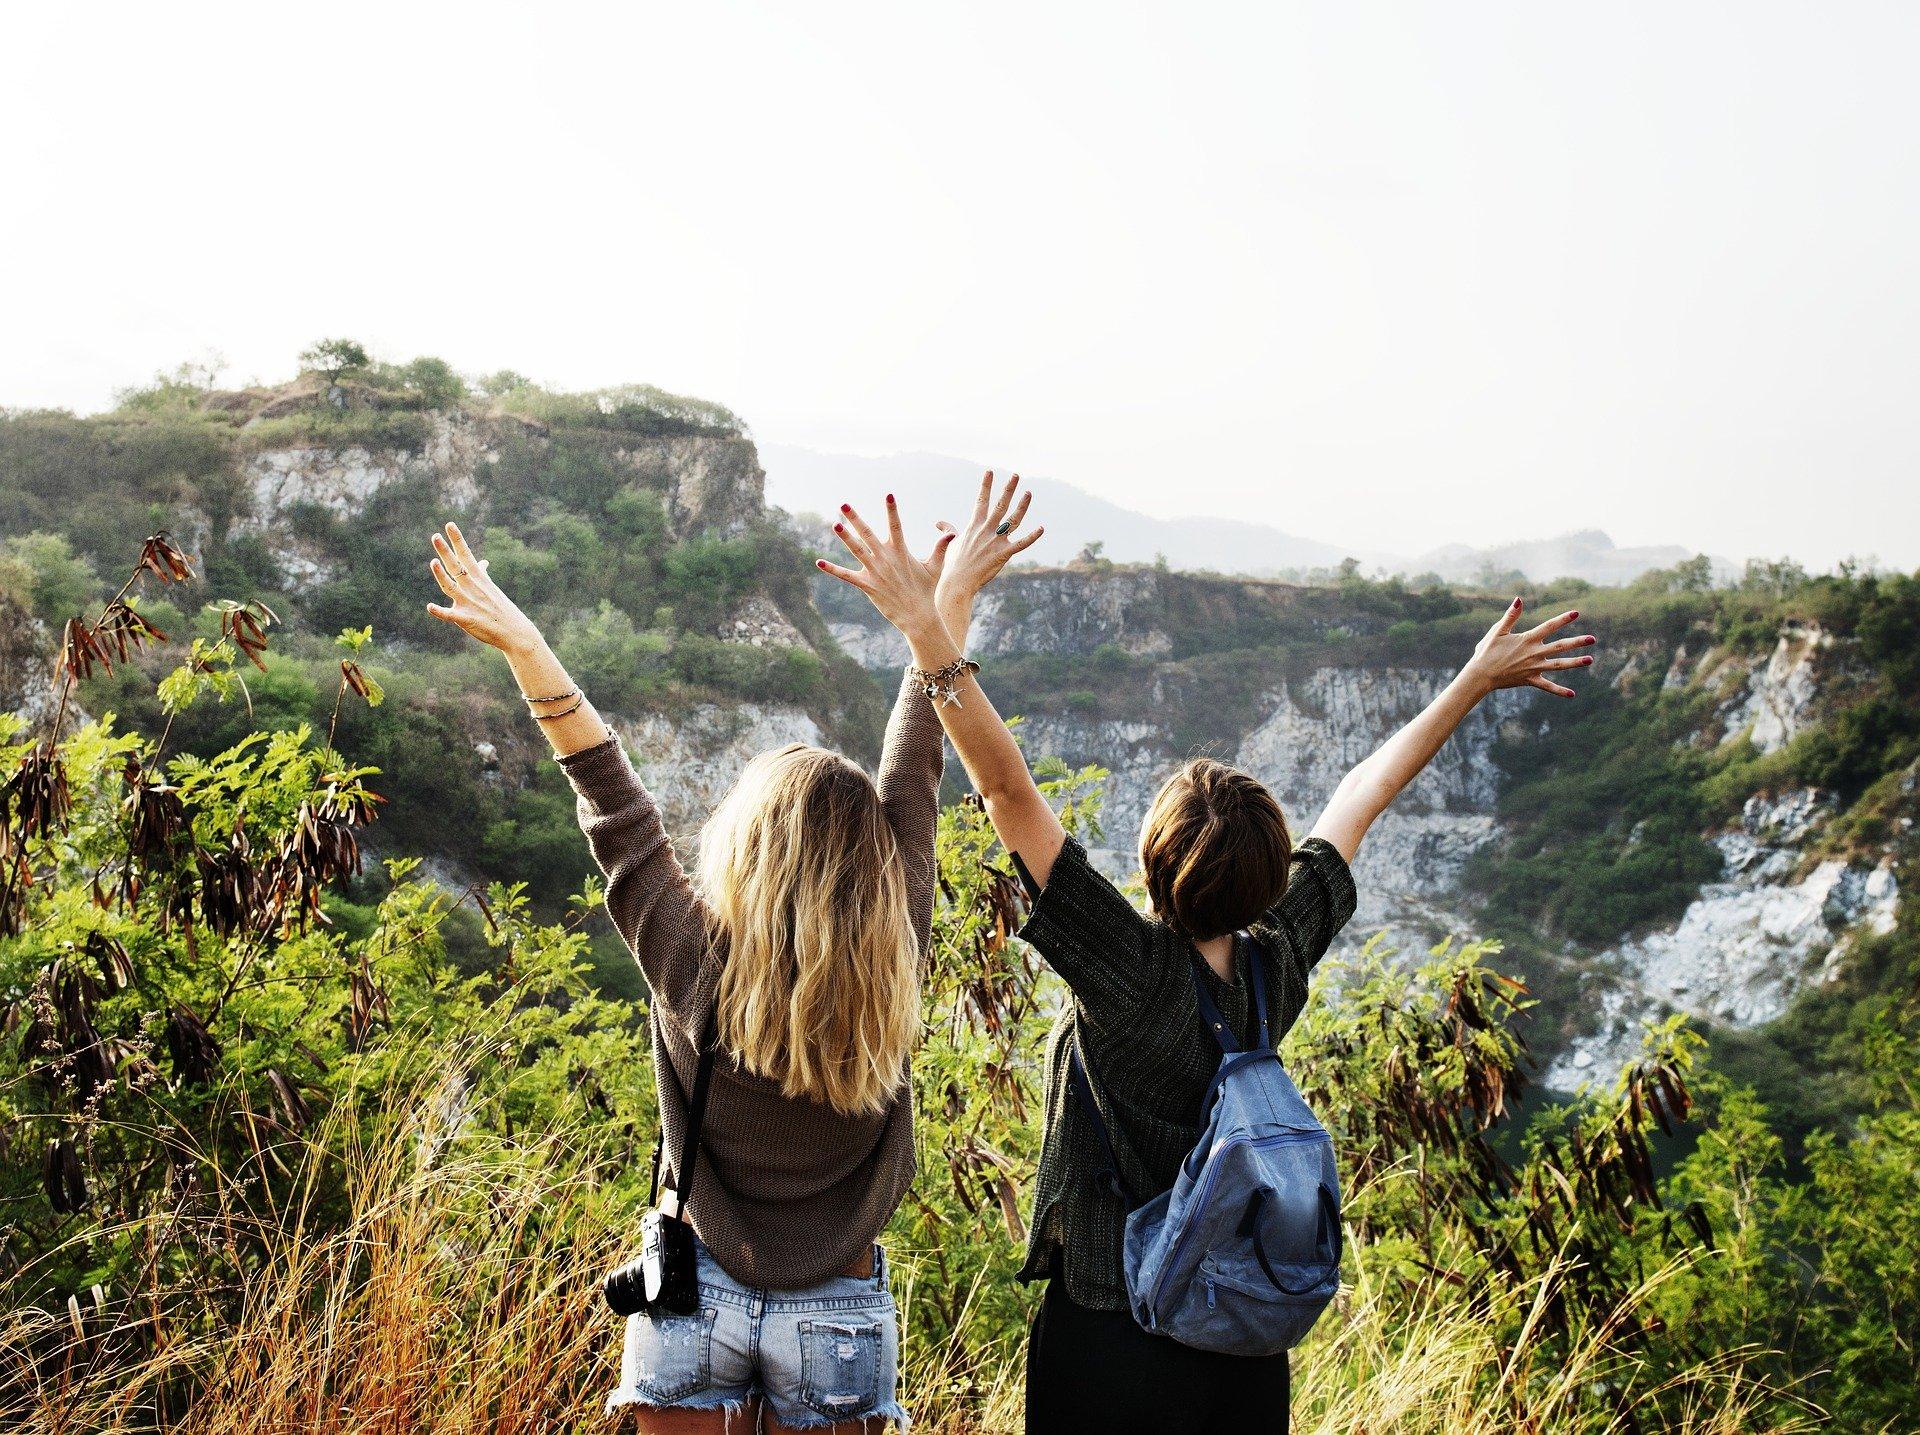 Disfruta de Andalucía realizando estas actividades al aire libre este verano